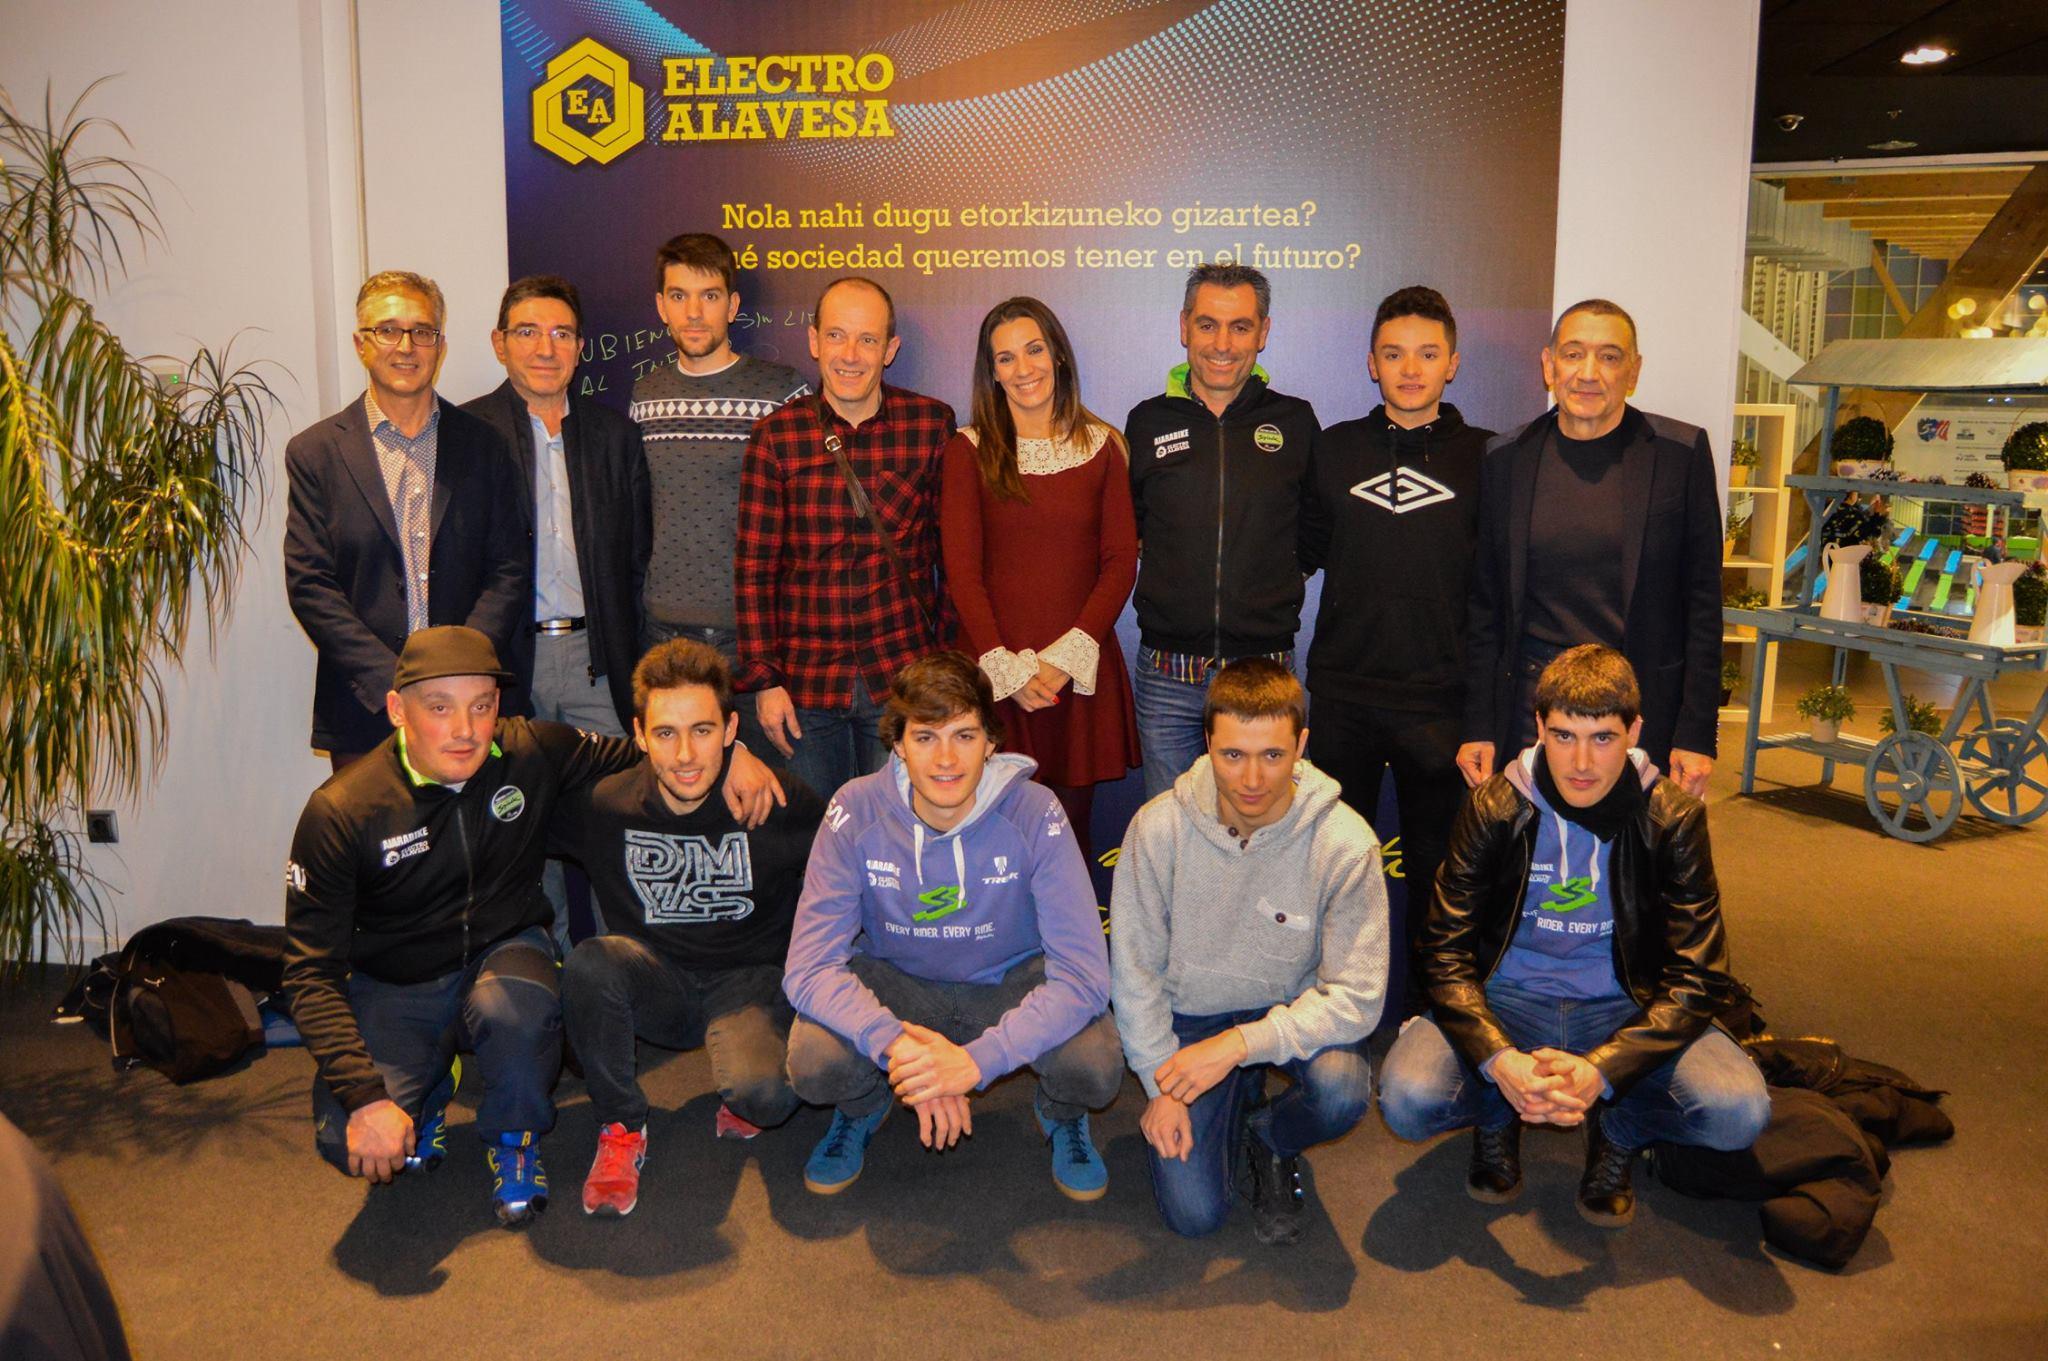 Presentación del equipo en Electroal